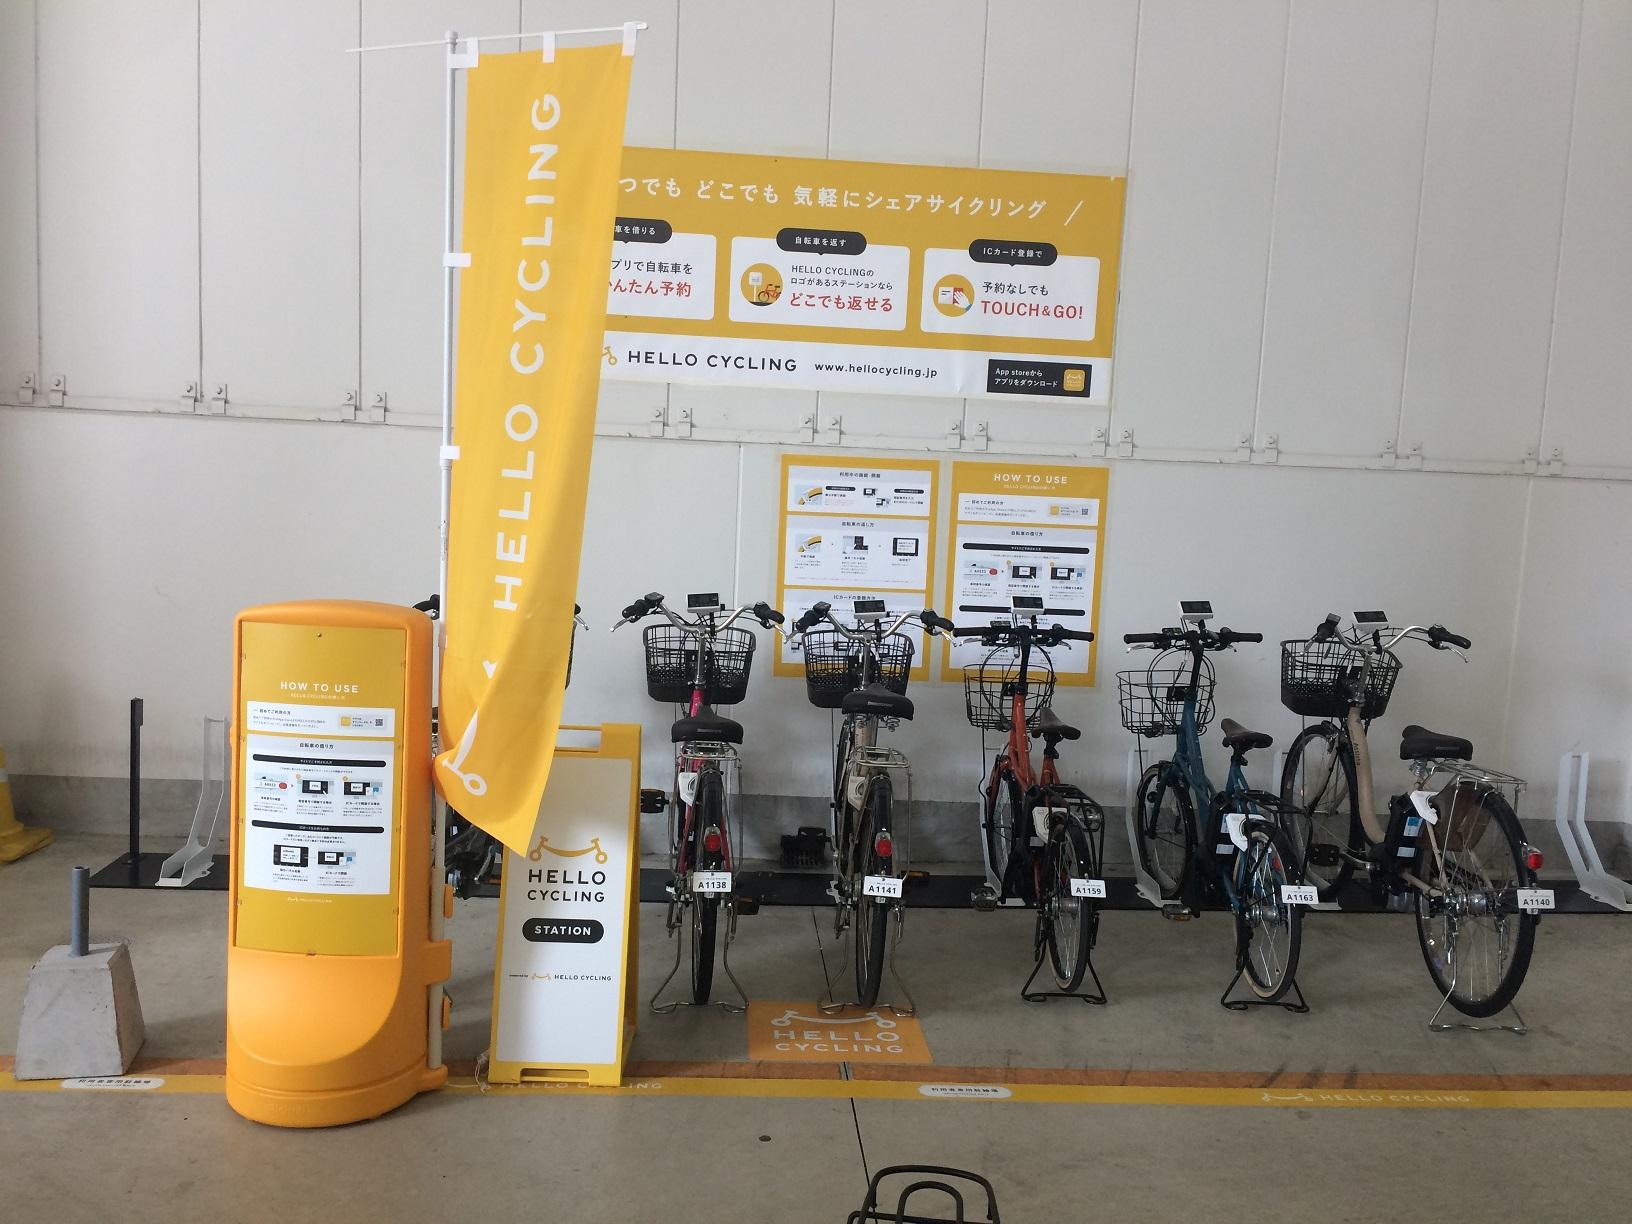 佐賀バルーンミュージアム (HELLO CYCLING ポート) image